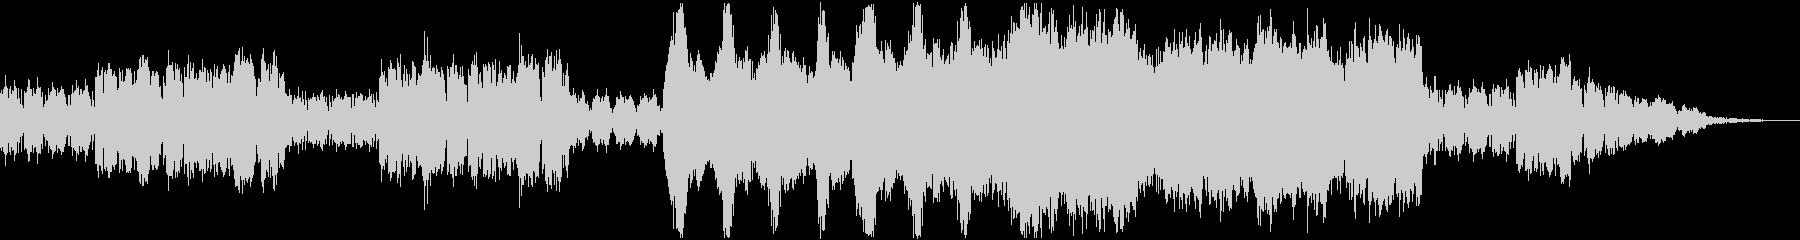 ワクワクしてくるBGMの未再生の波形